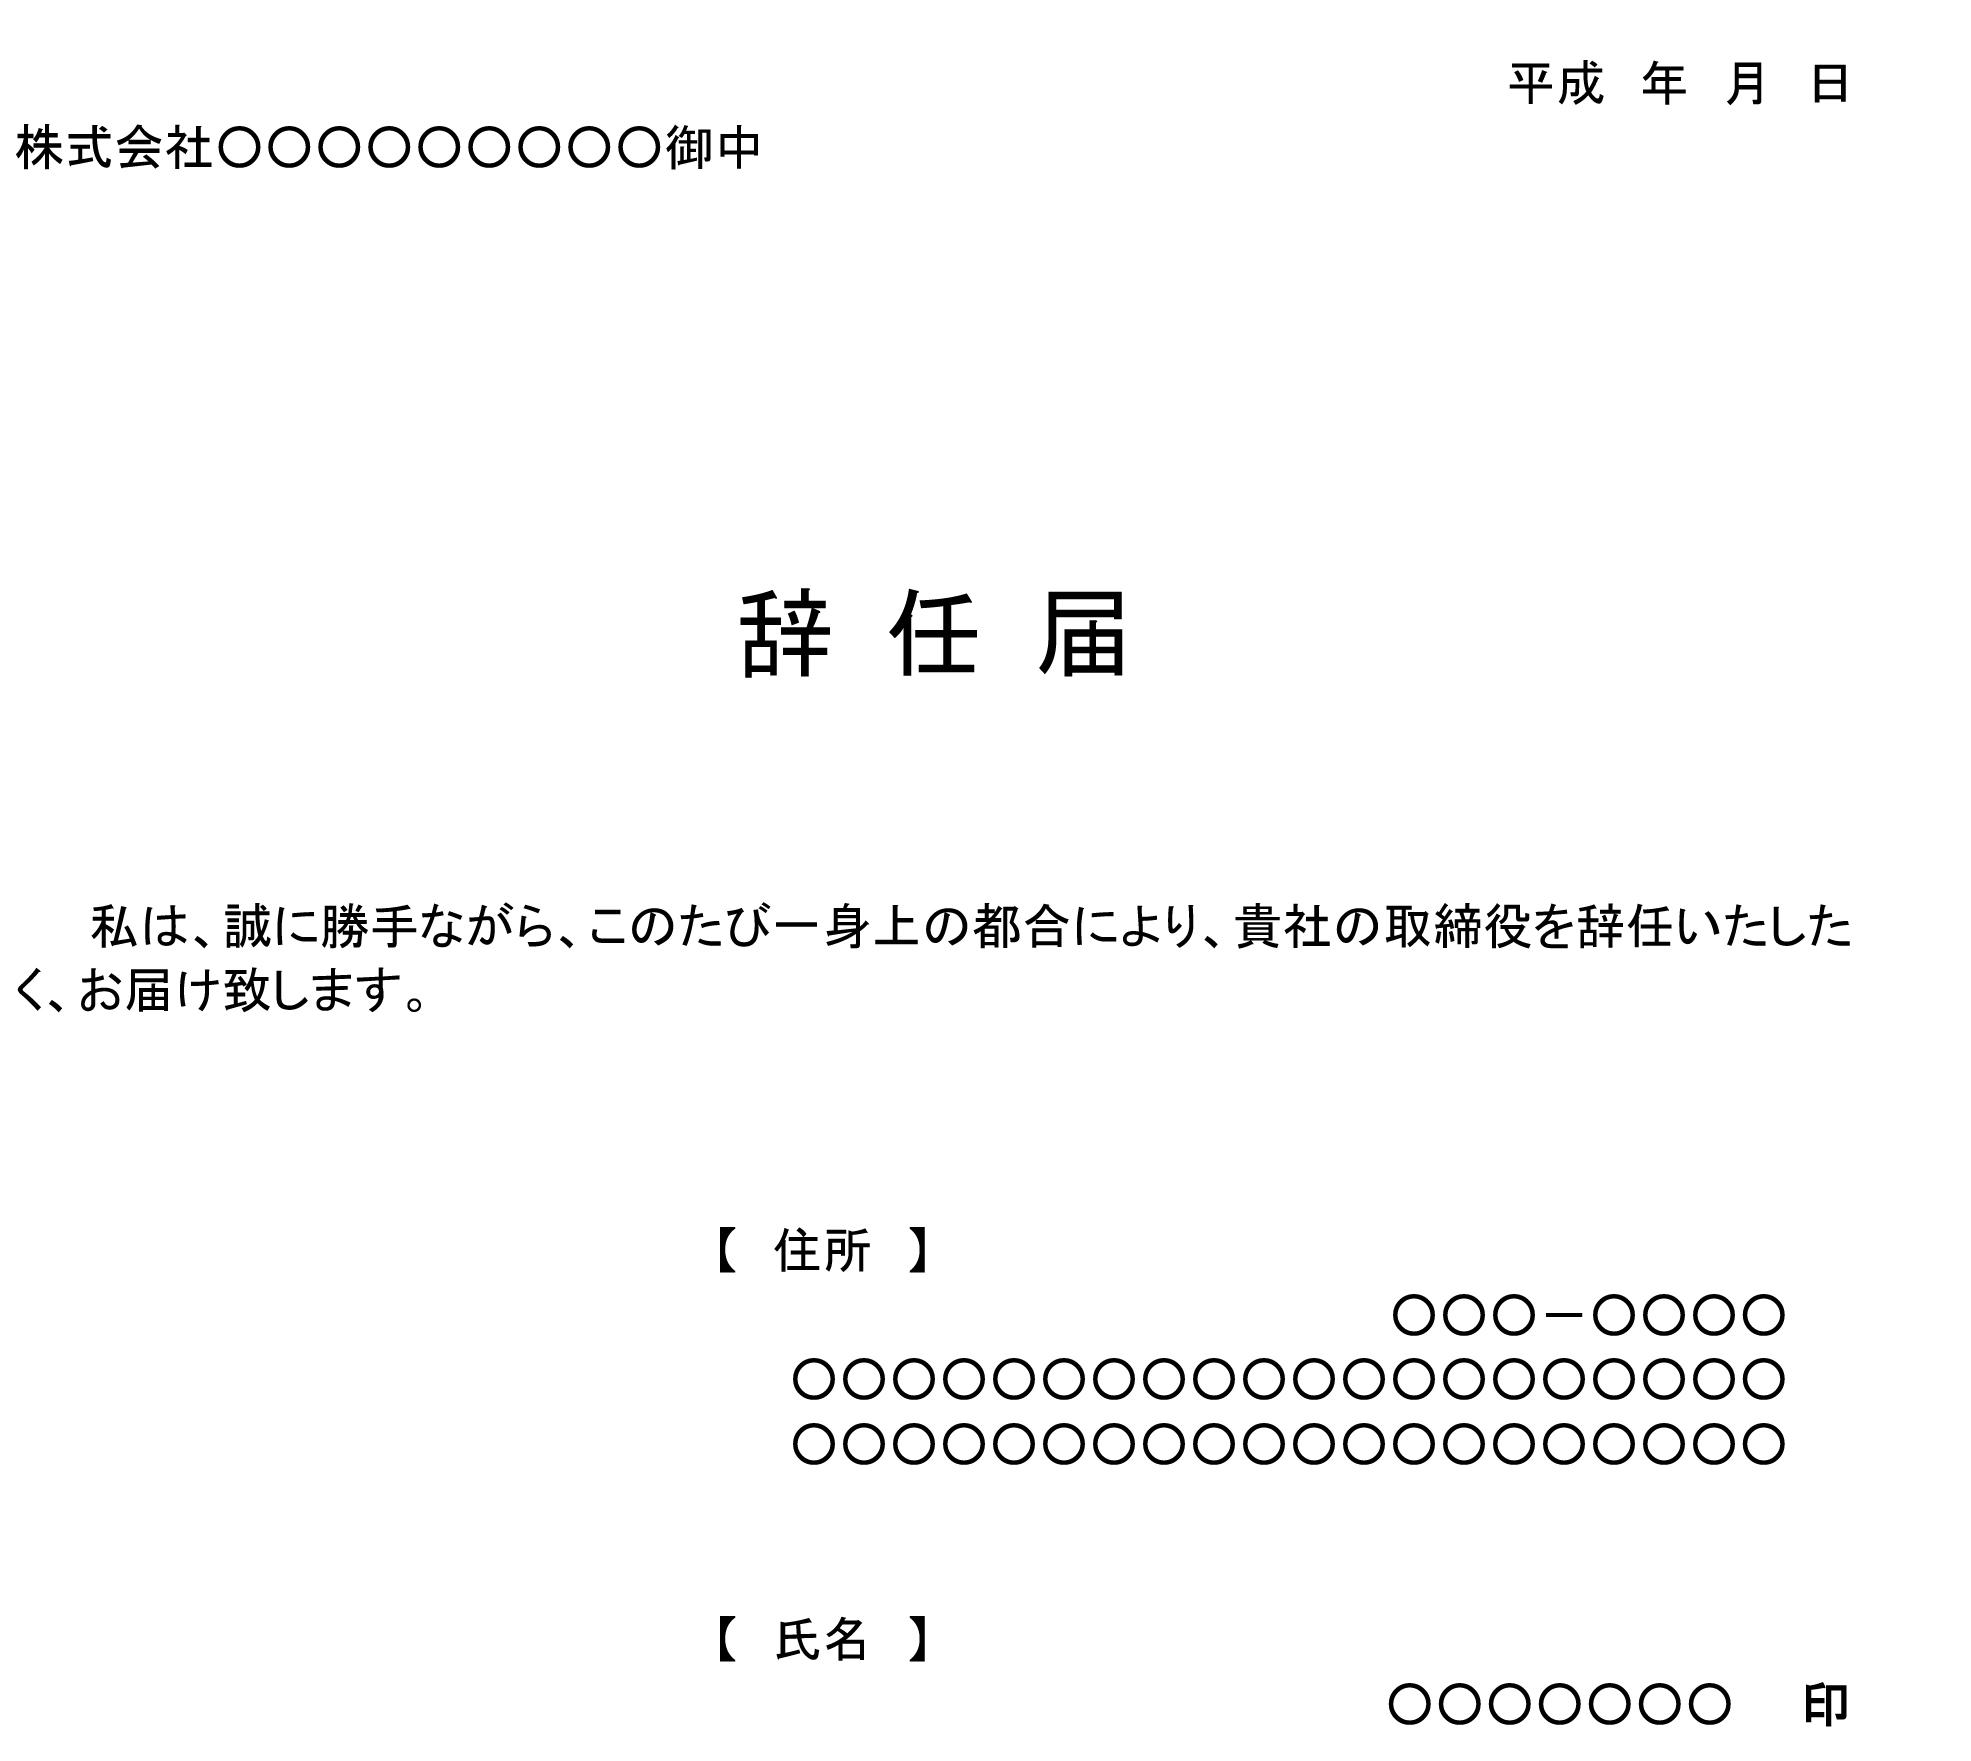 辞任届(取締役)02